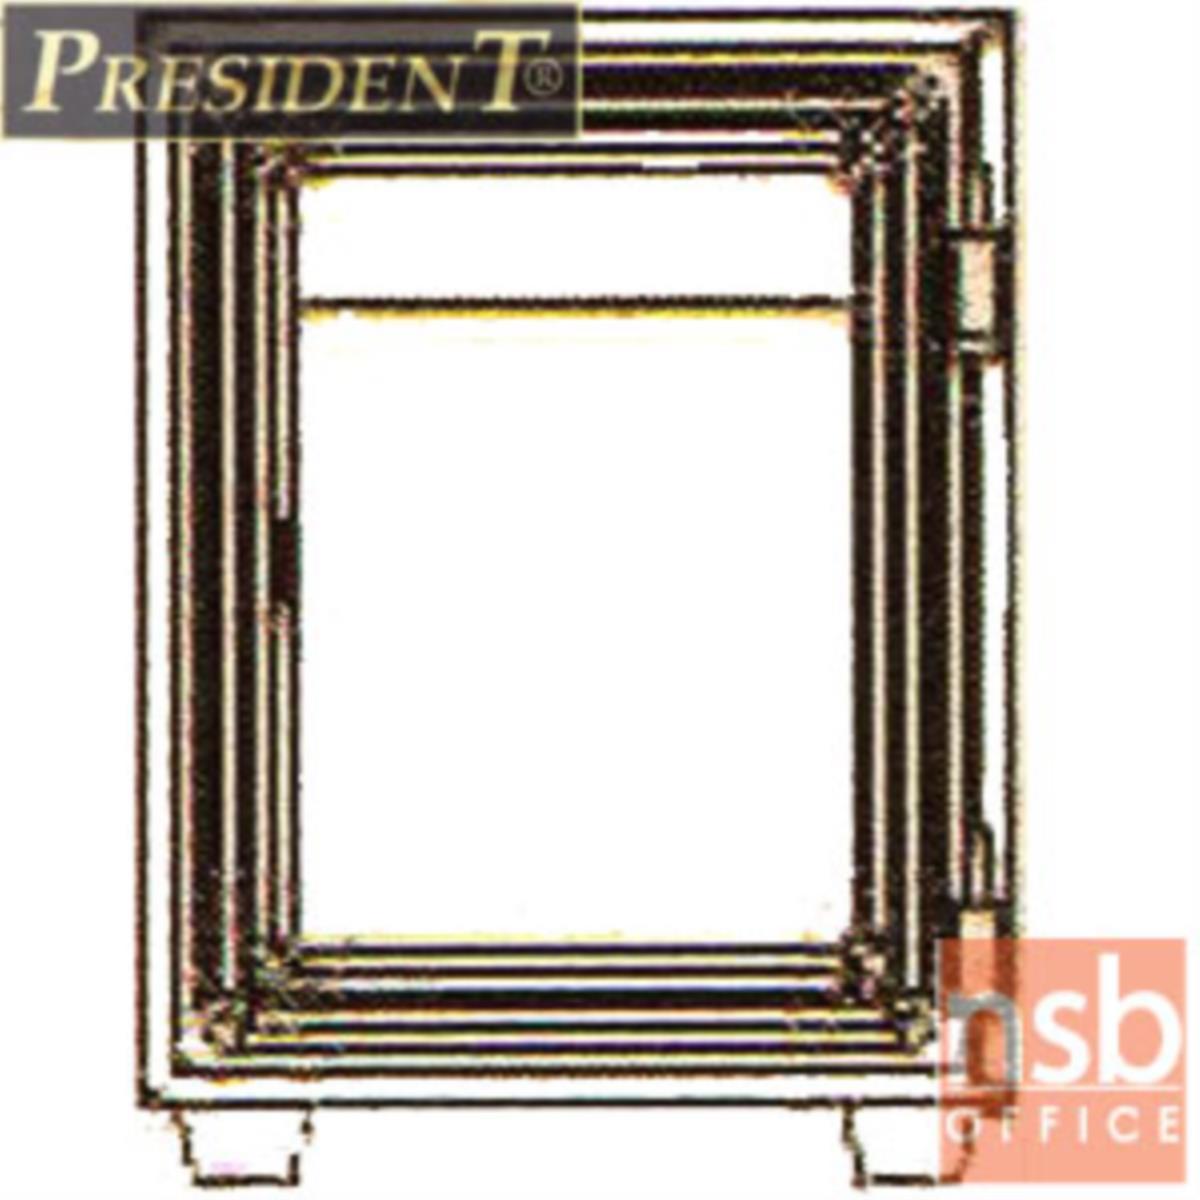 ตู้เซฟนิรภัยชนิดหมุน 28 กก. รุ่น PRESIDENT-LS2 มี 1 กุญแจ 1 รหัส (รหัสใช้หมุนหน้าตู้)